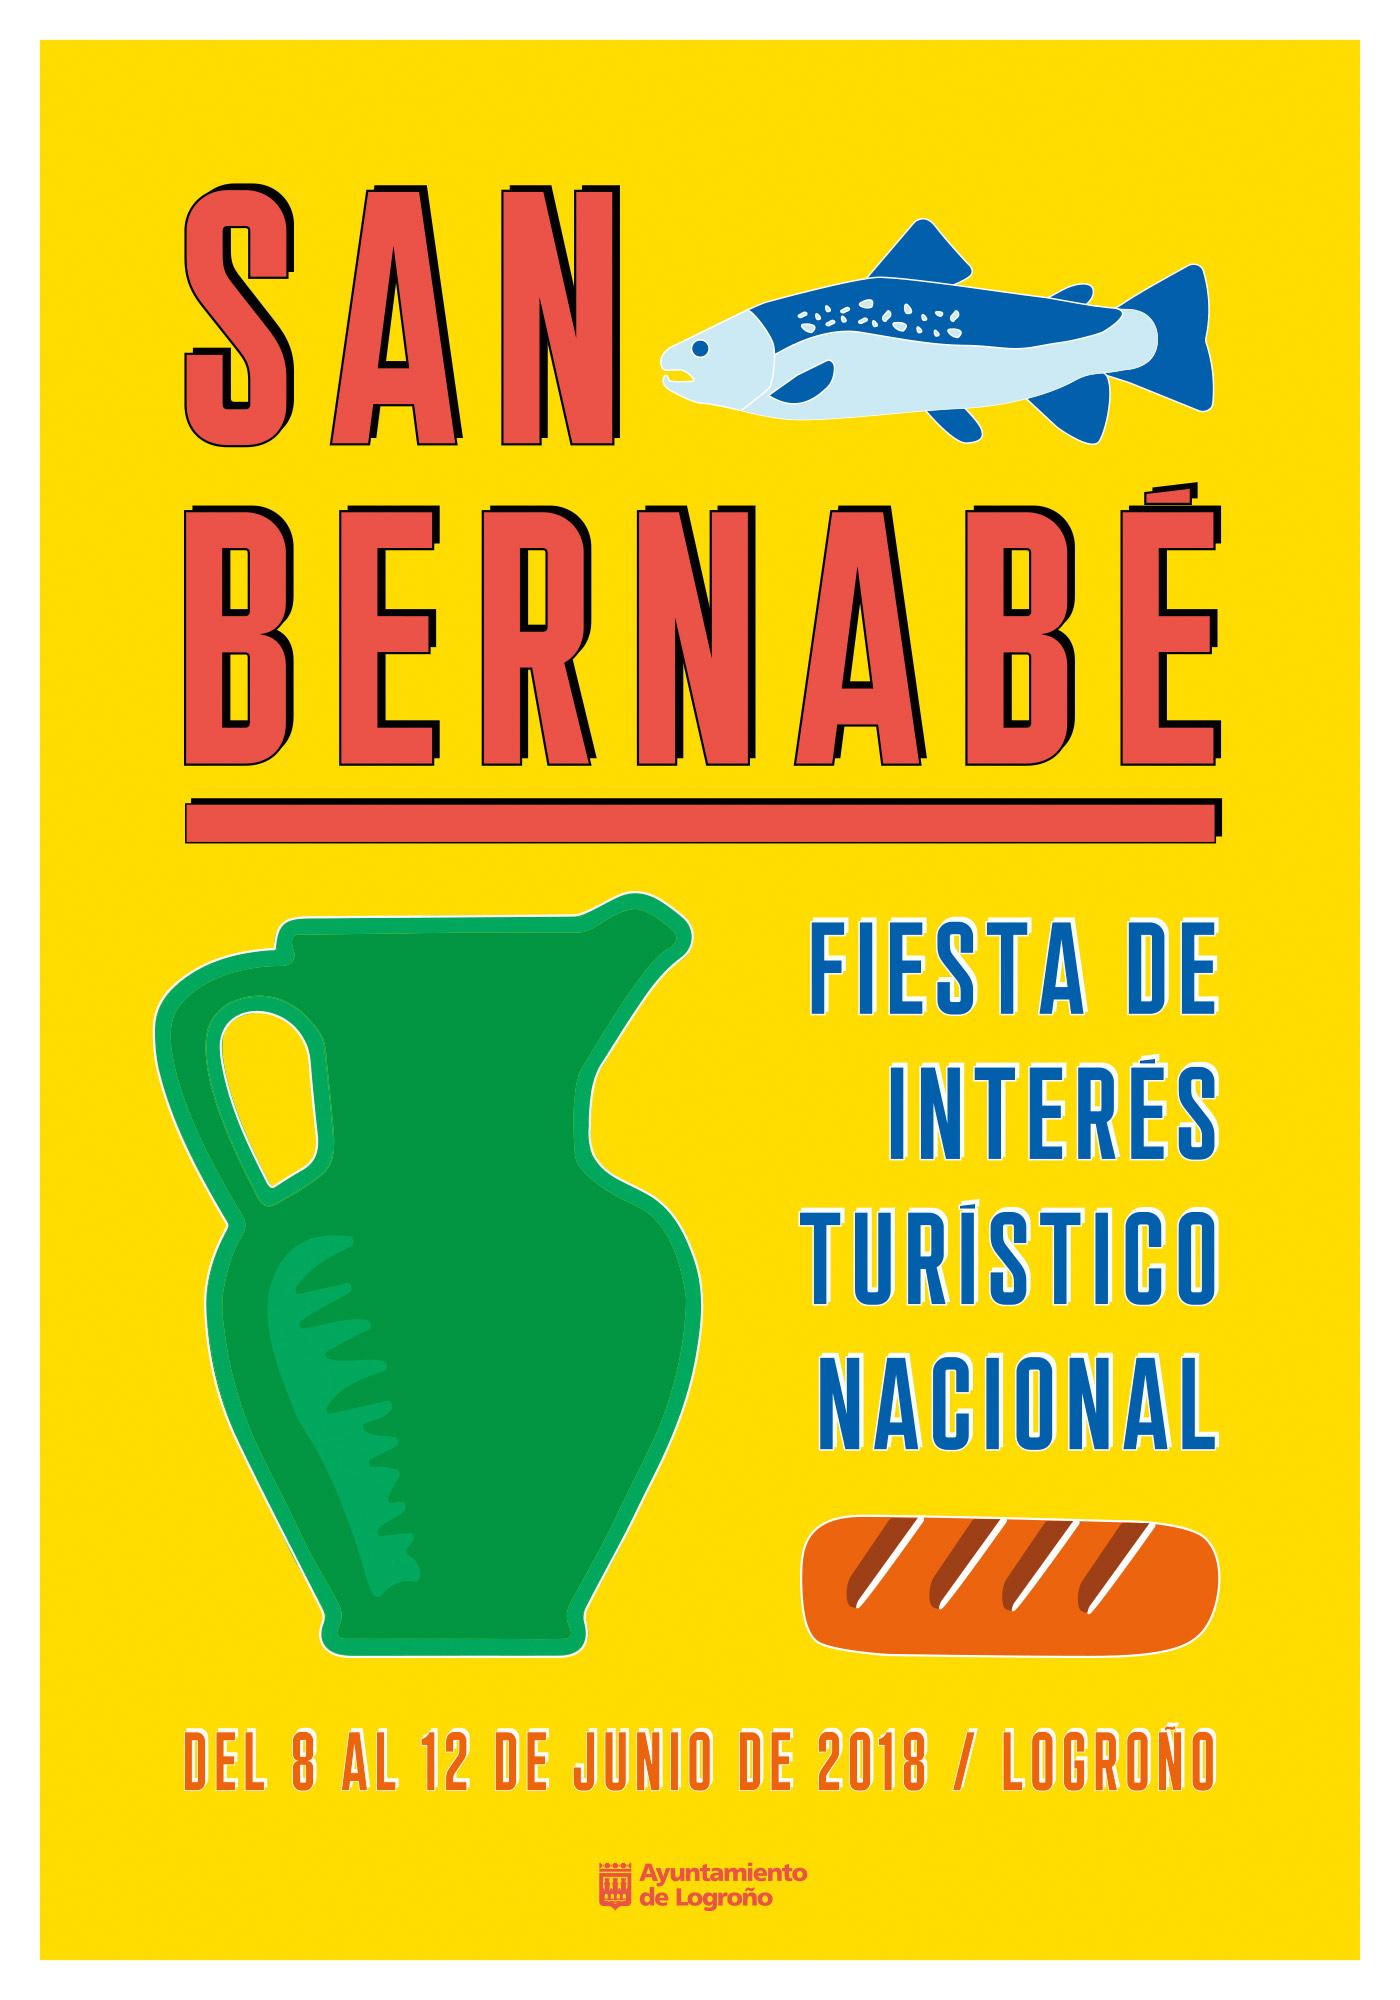 Elena Andráiz, alumna de 3º de Diseño Gráfico, autora del cartel de San Bernabé